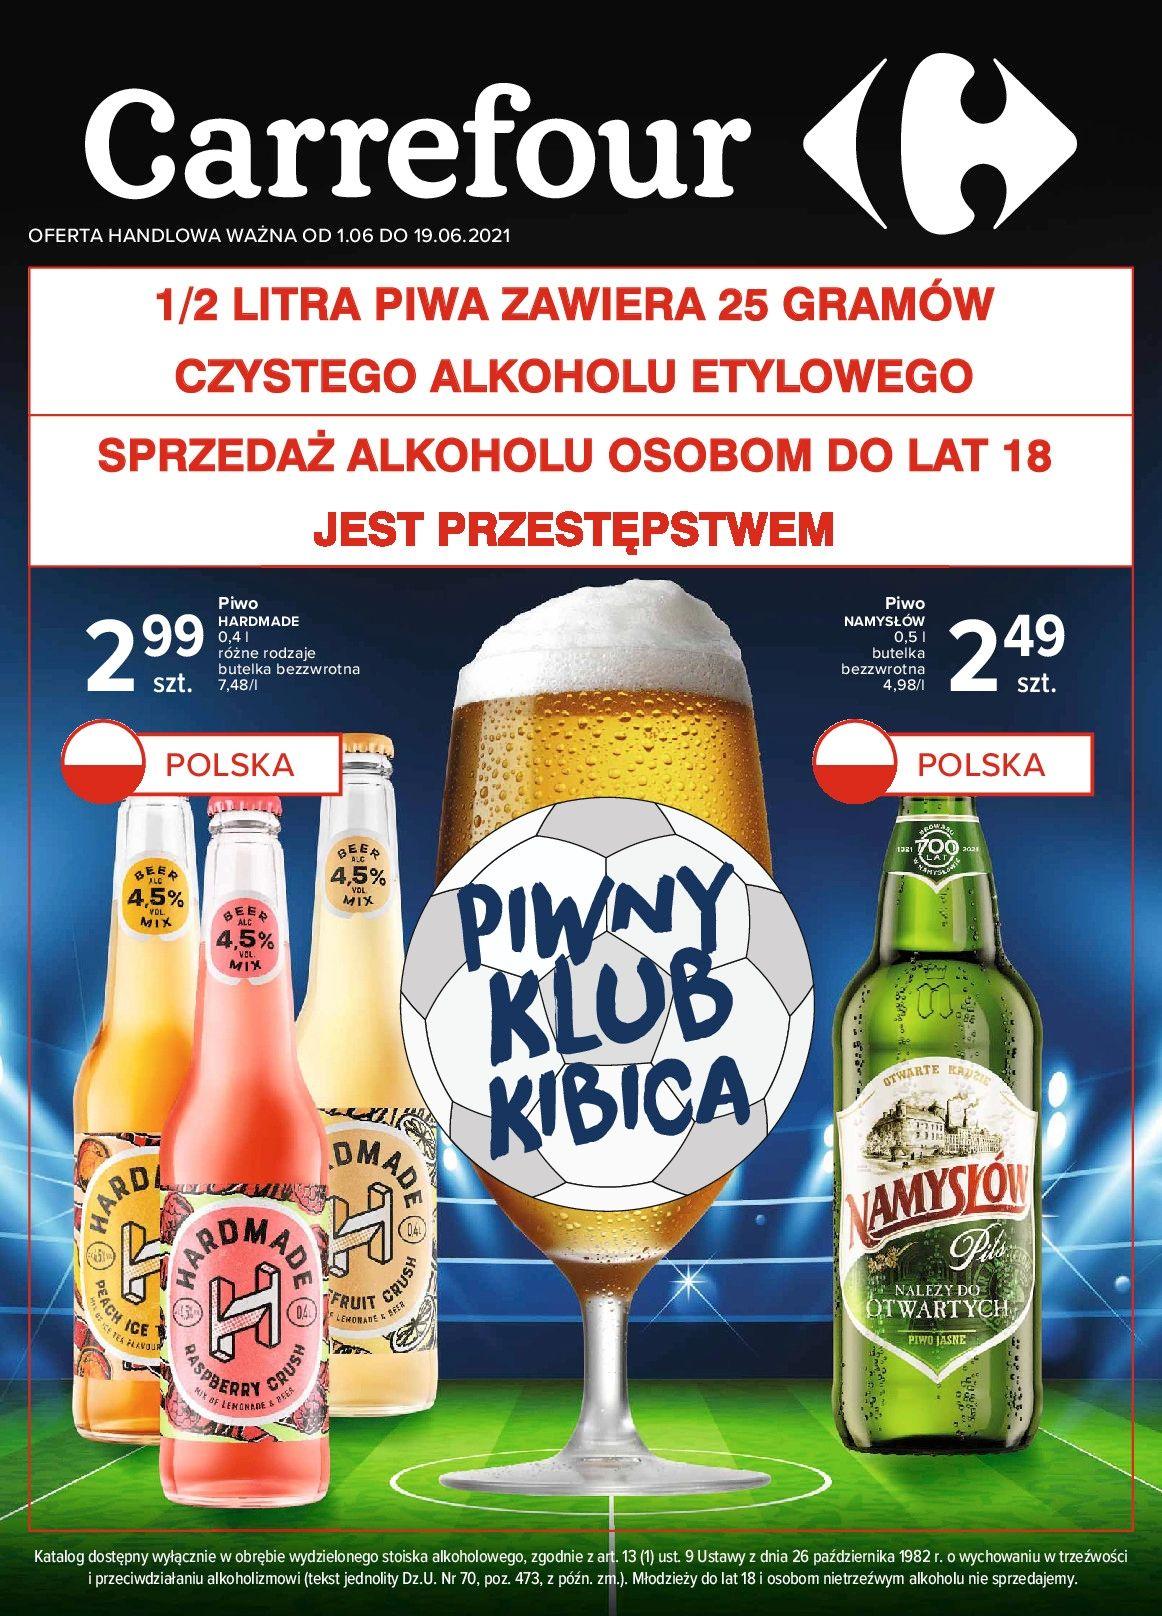 Gazetka Gazetka Piwny klub kibica